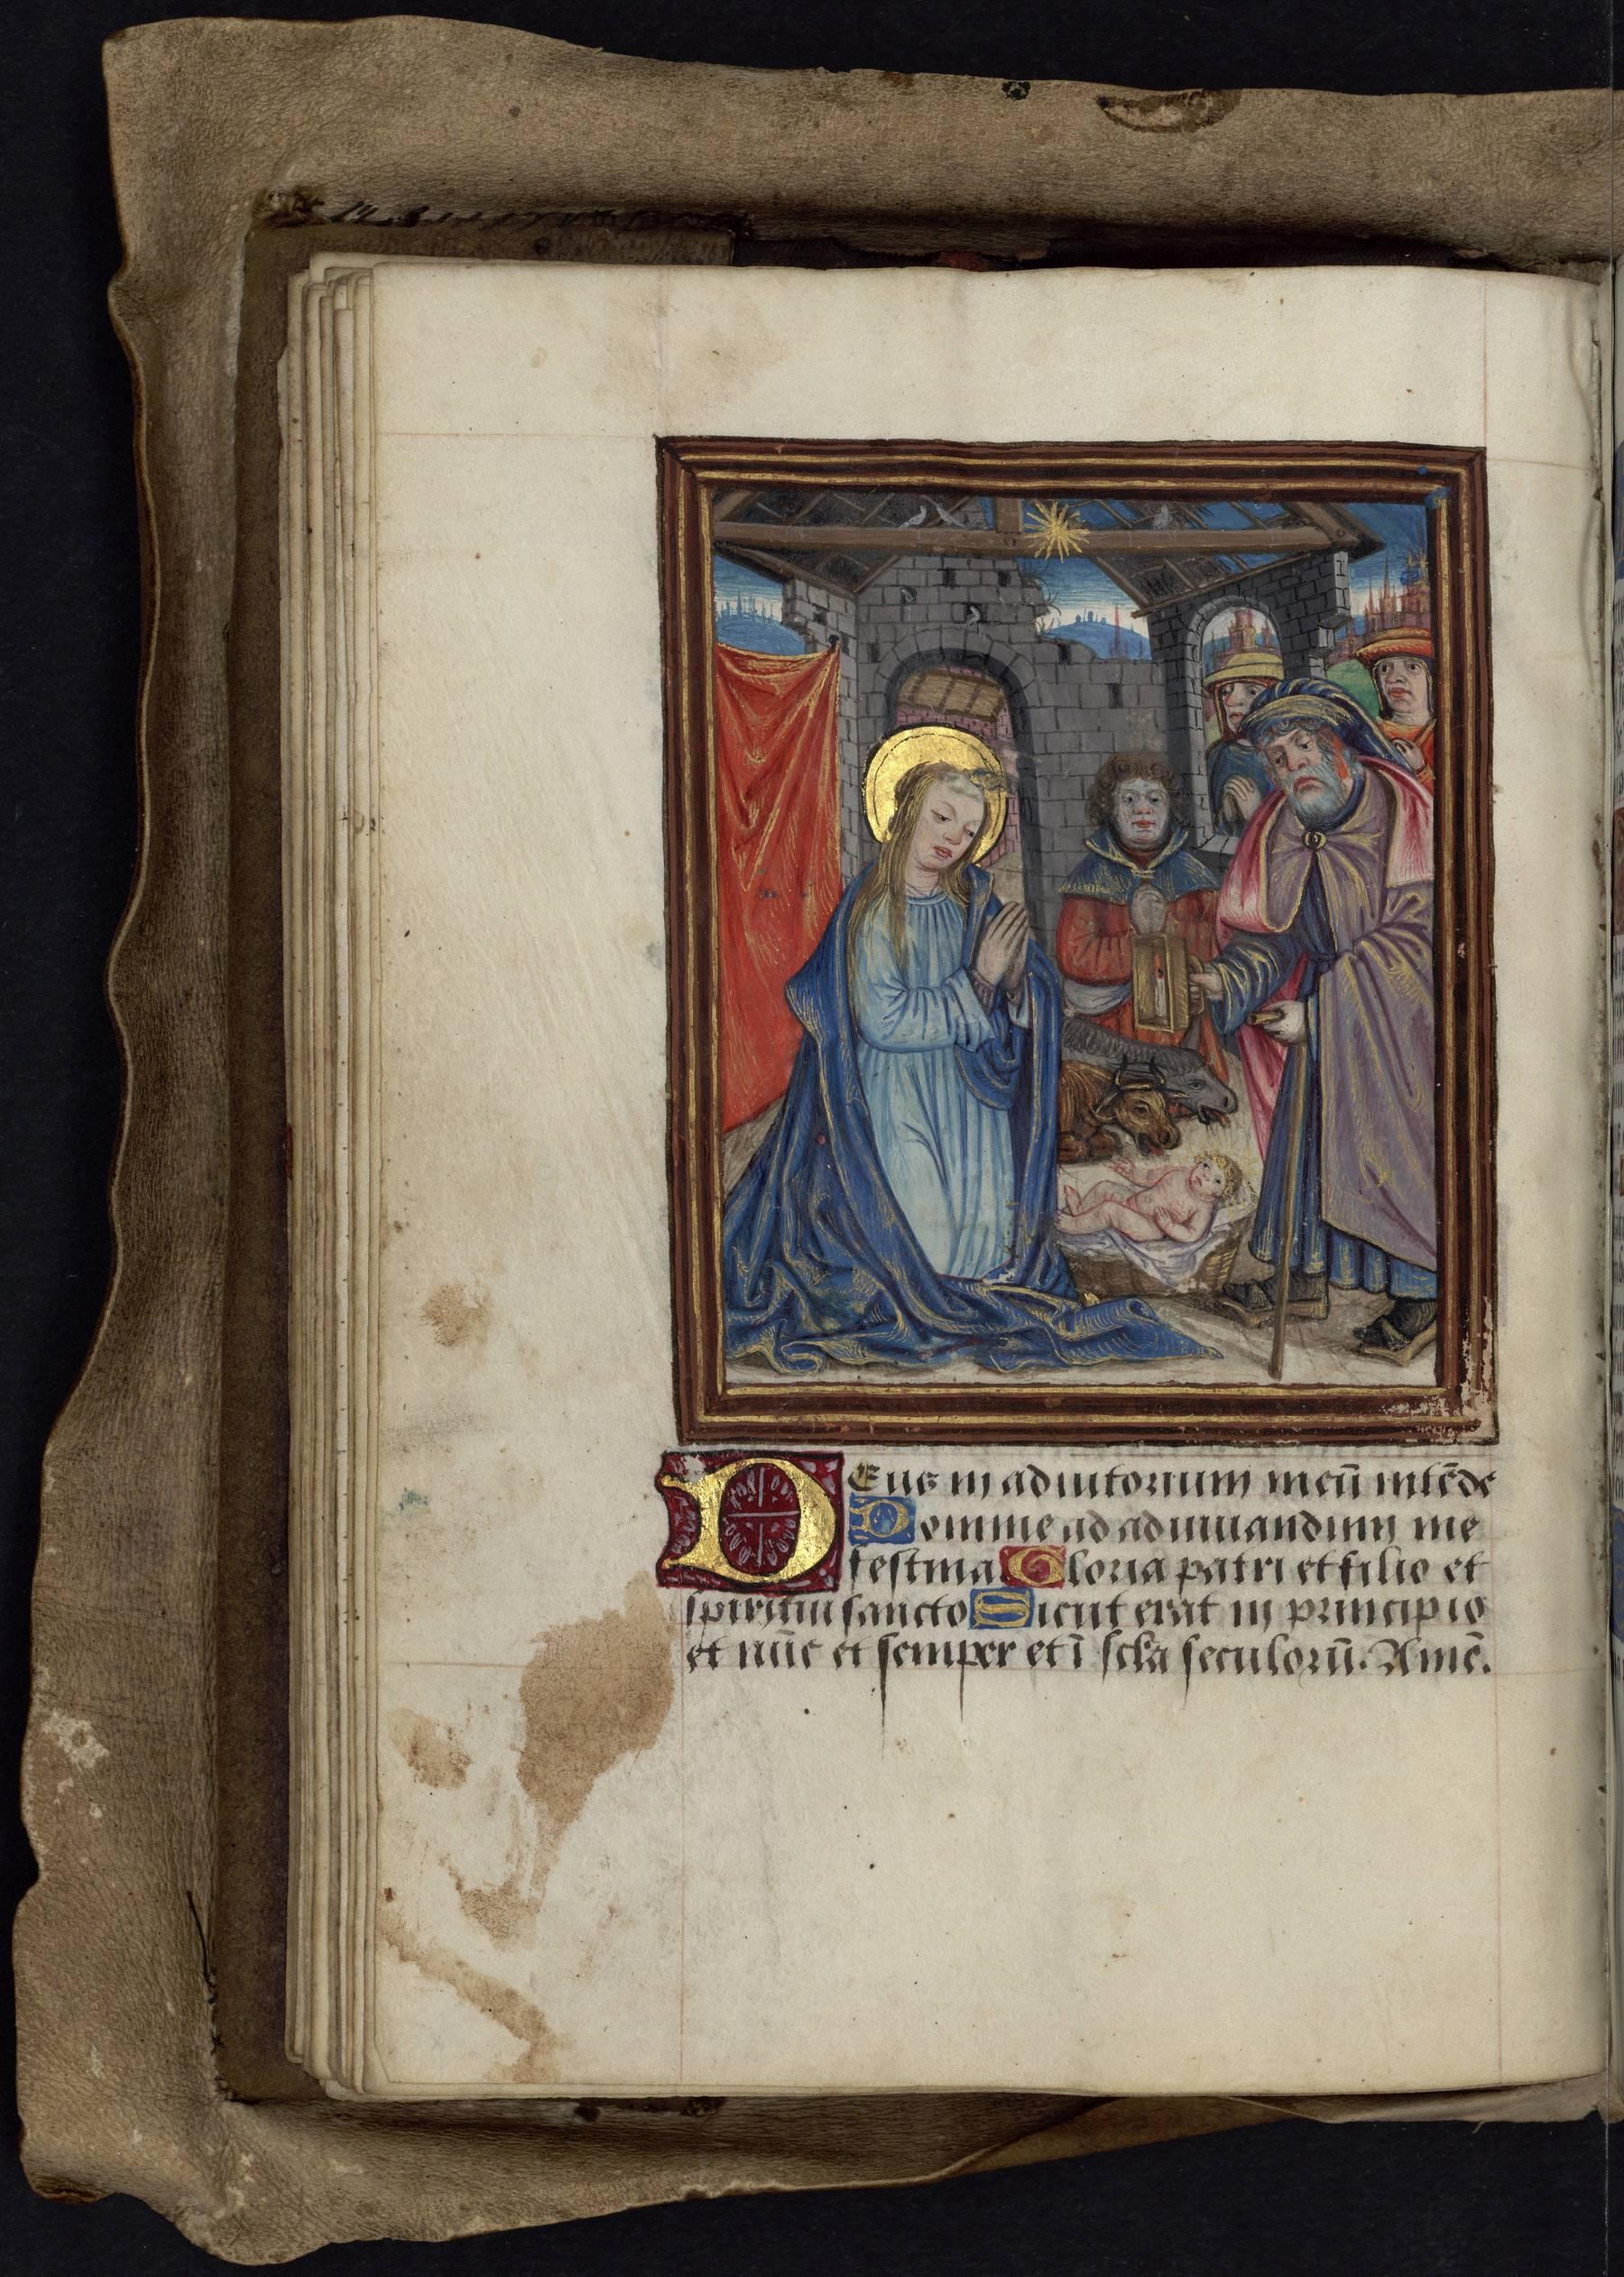 Contenu du Les heures de la Vierge : Prime